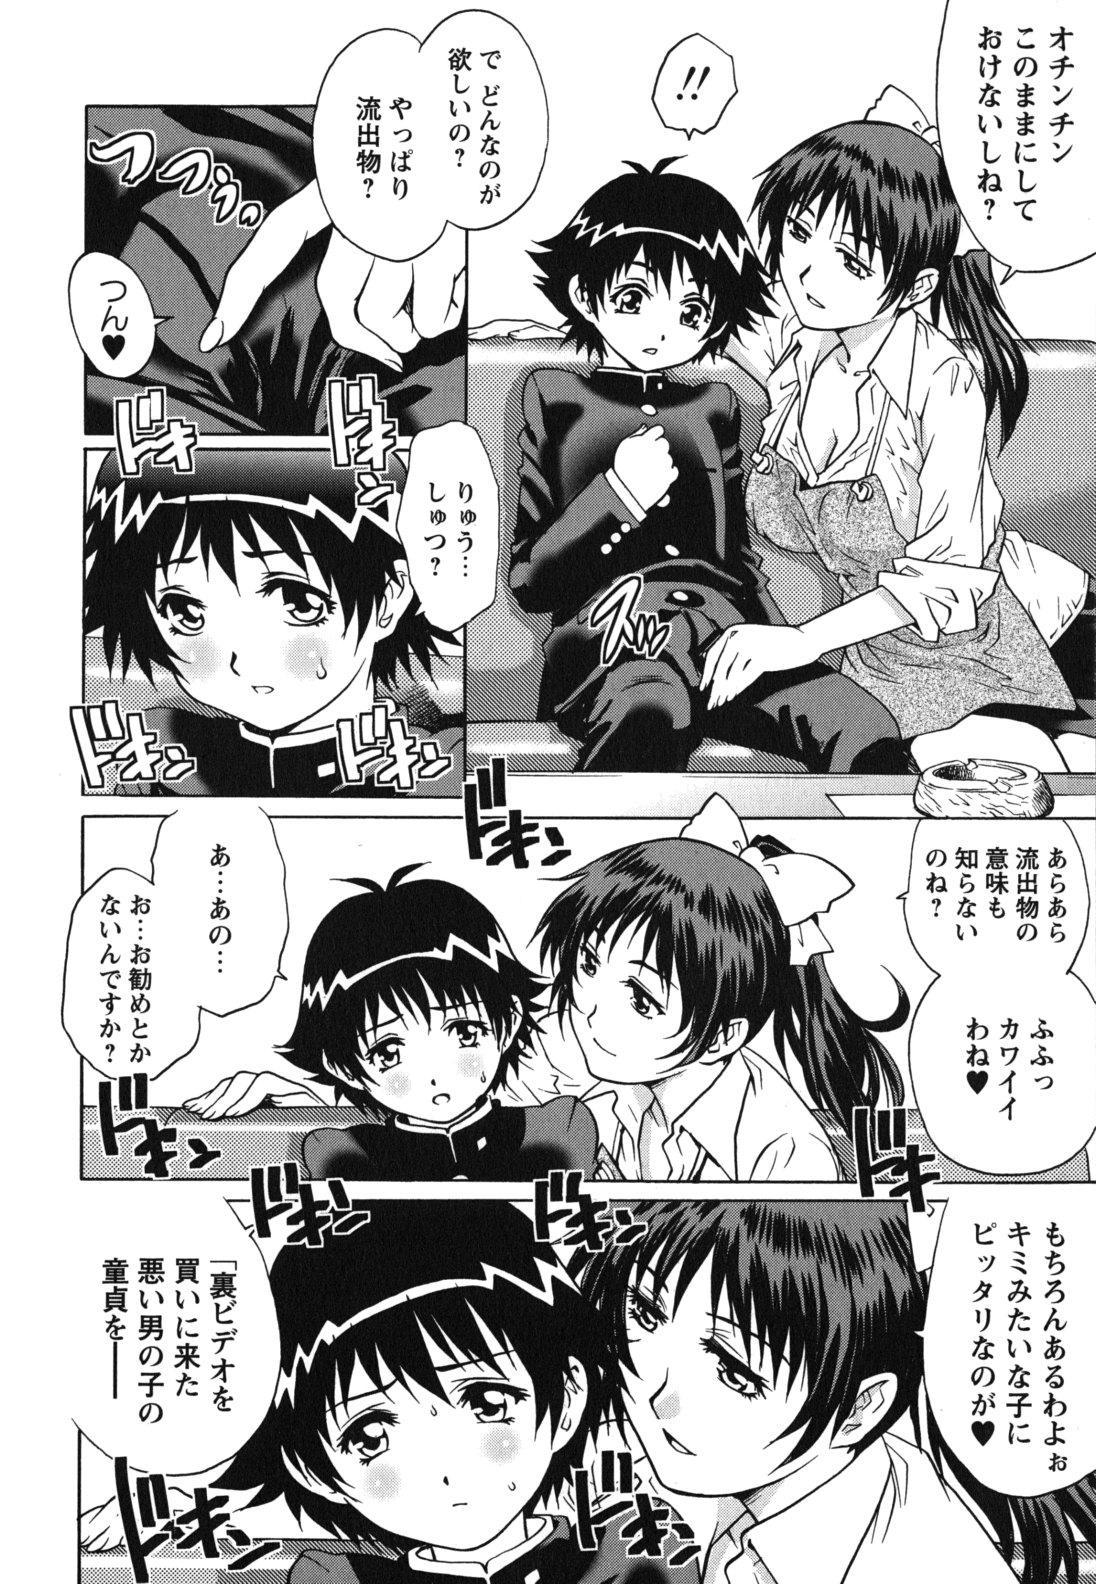 Hajimete no SEX 40